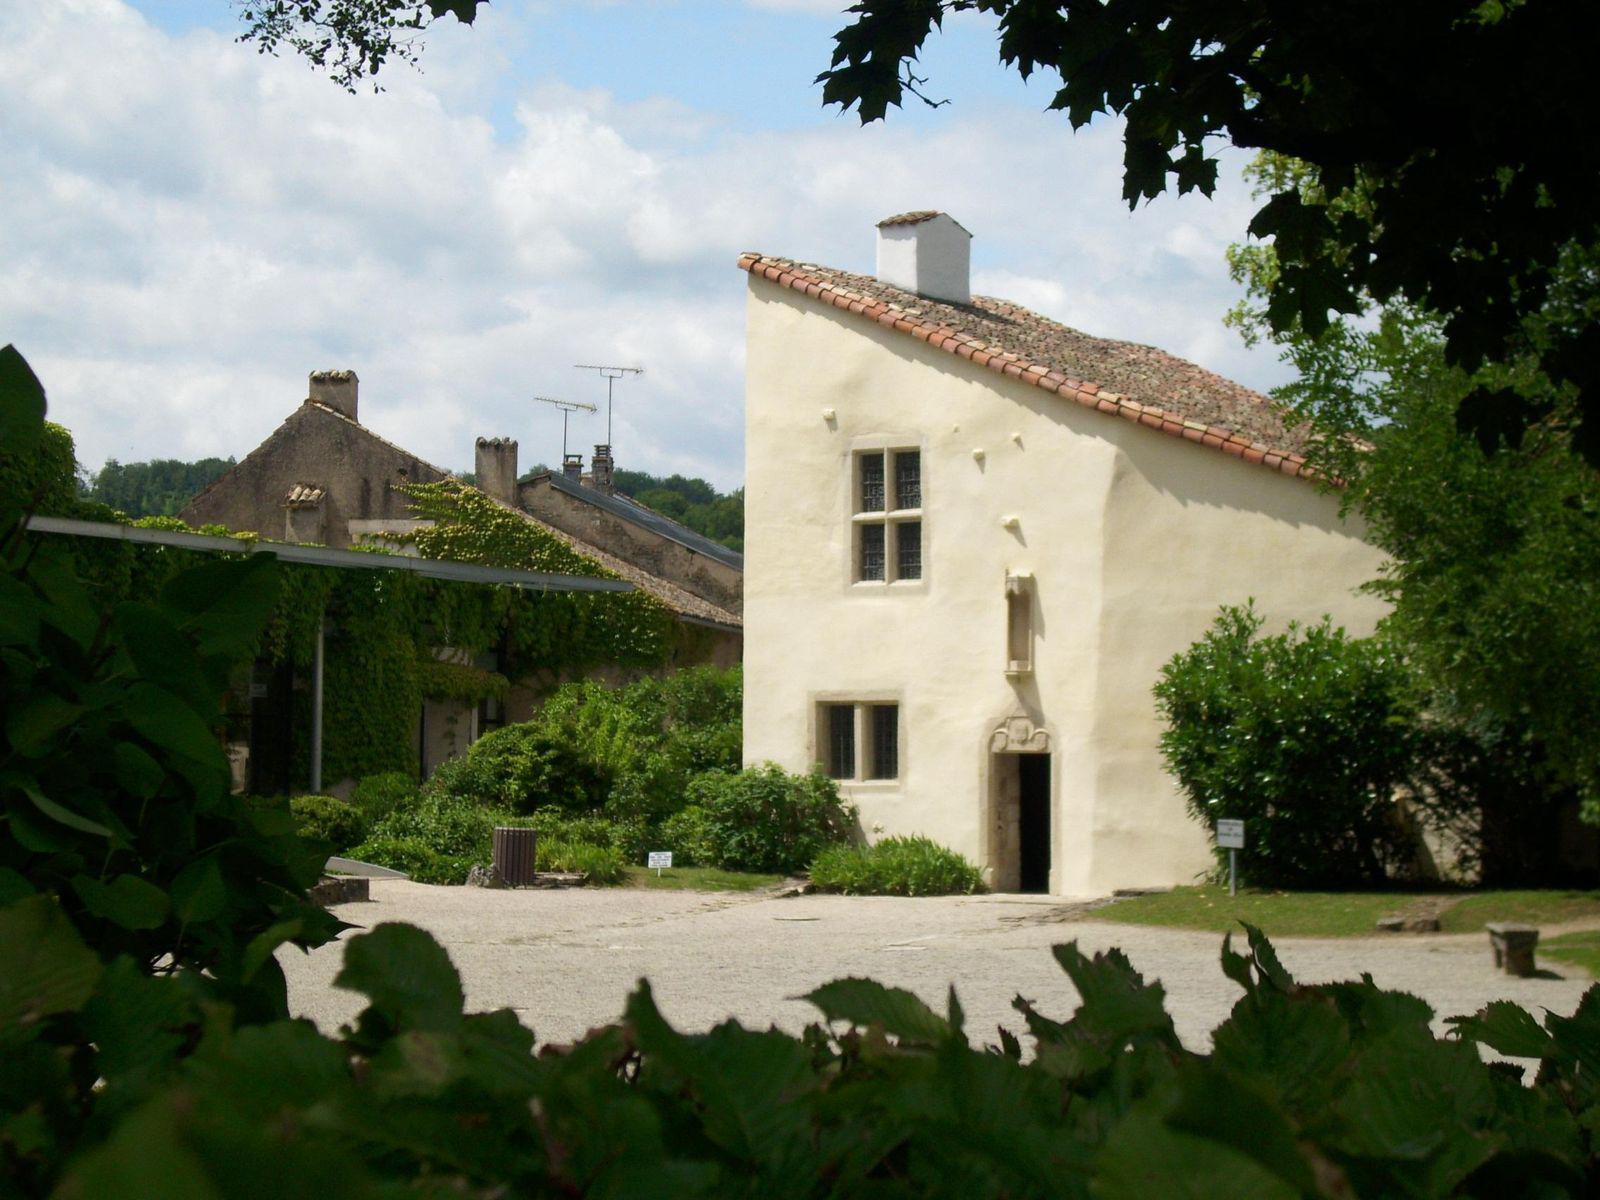 Maison natale de Jeanne d'Arc_Domrémy-la-Pucelle (1)